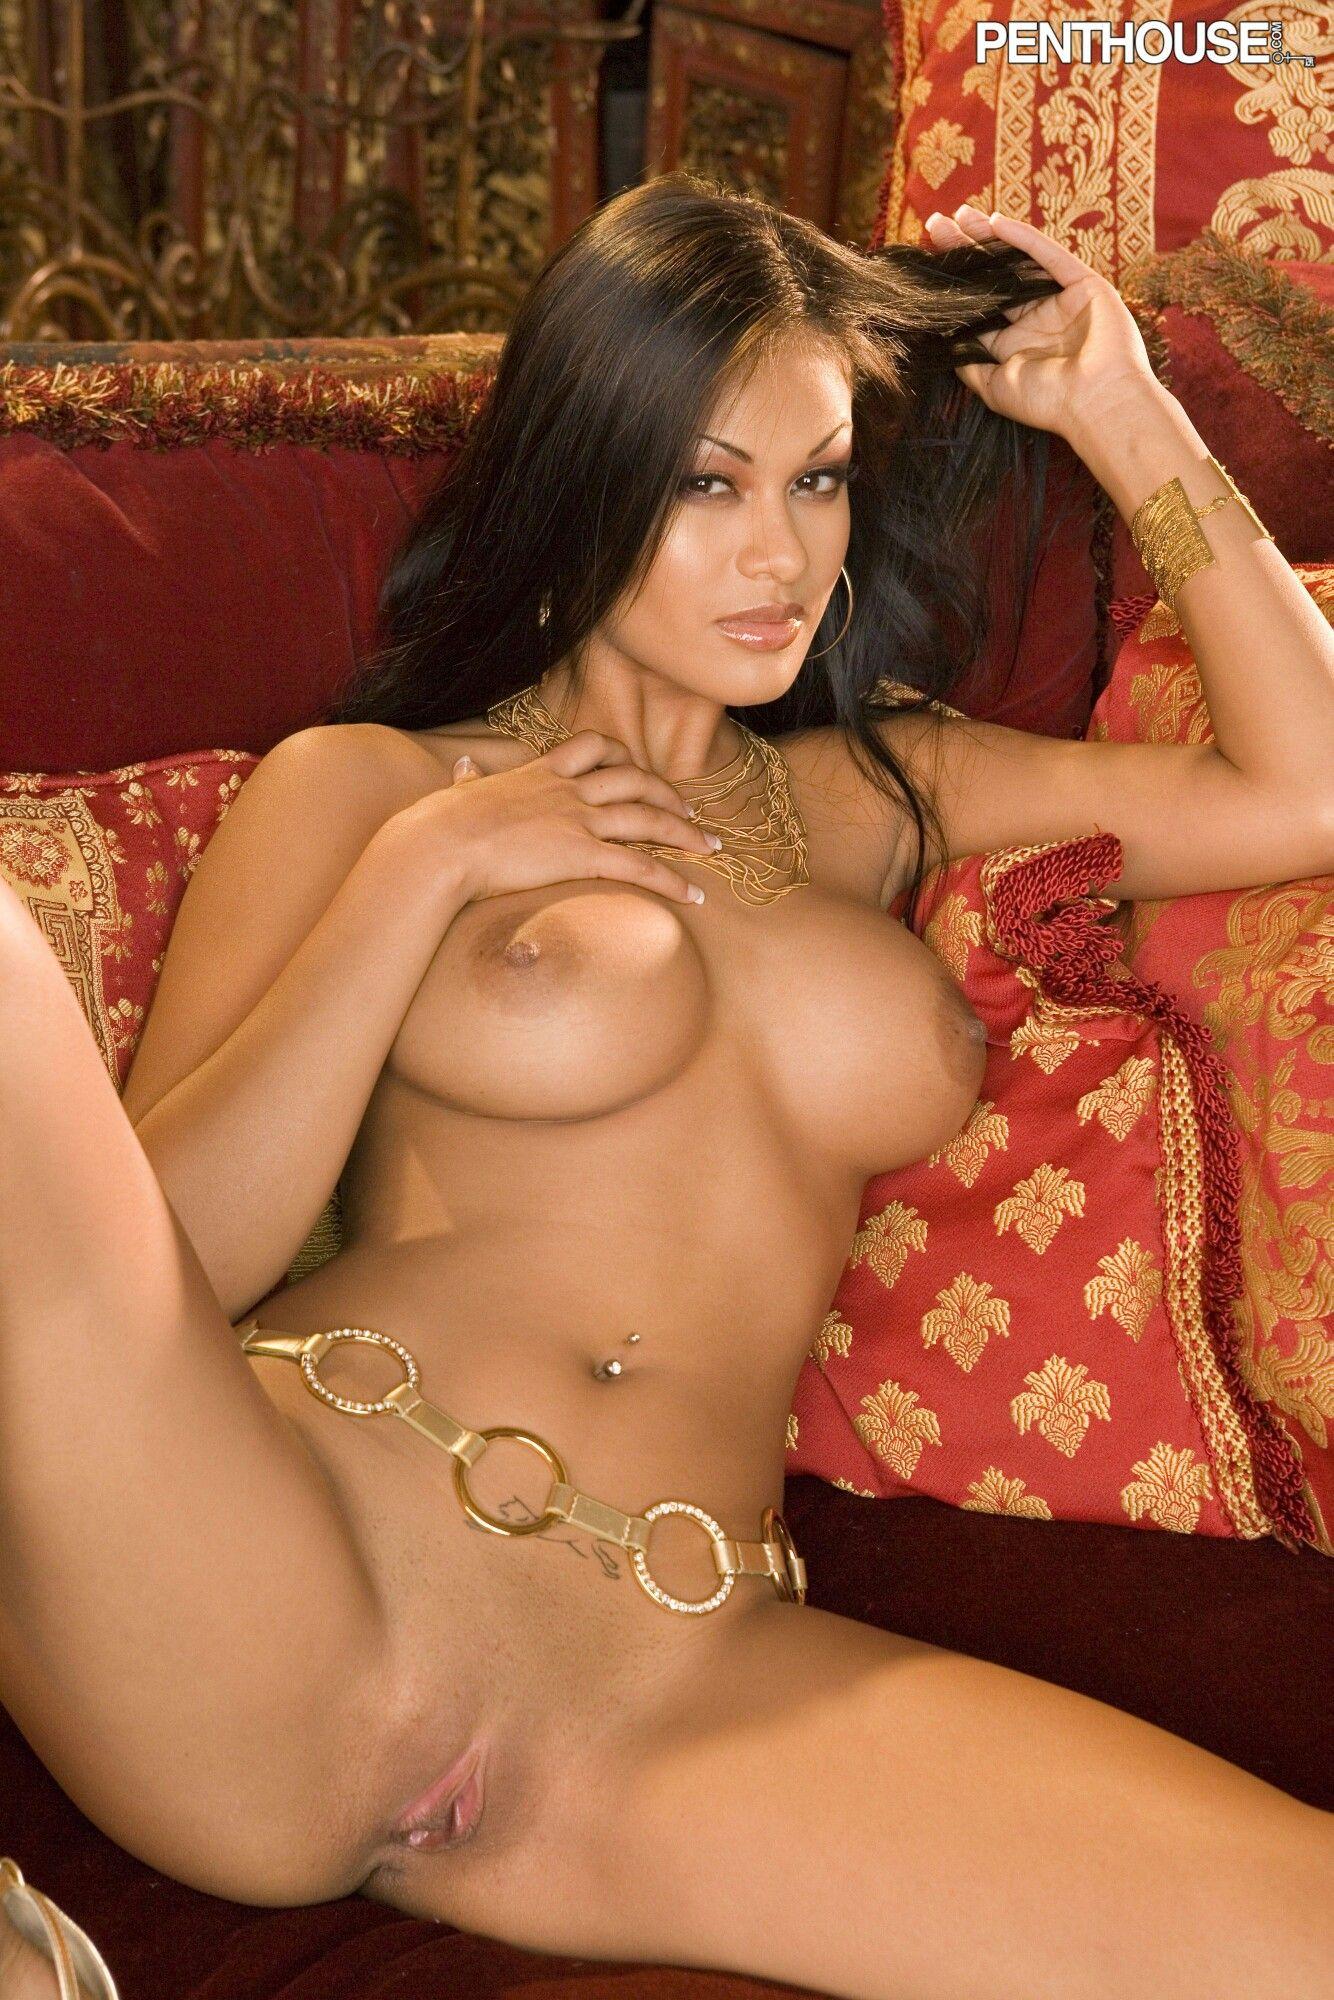 Arab girl naked pic leaked